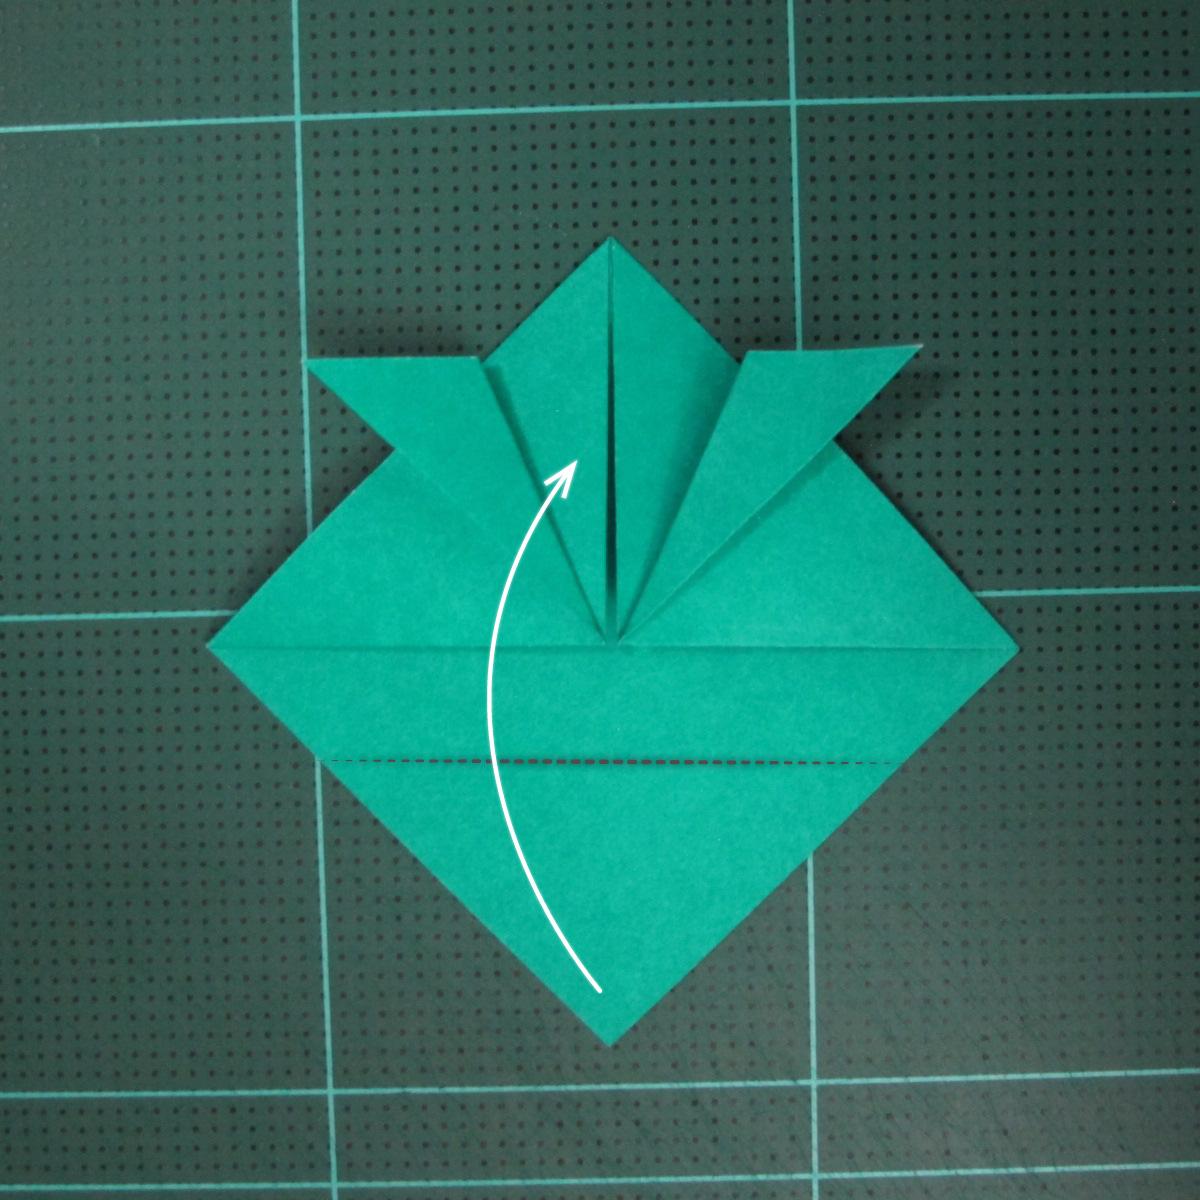 วิธีพับกระดาษเป็นรูปหมวกซามุไร (Origami Samurai Hat) 006